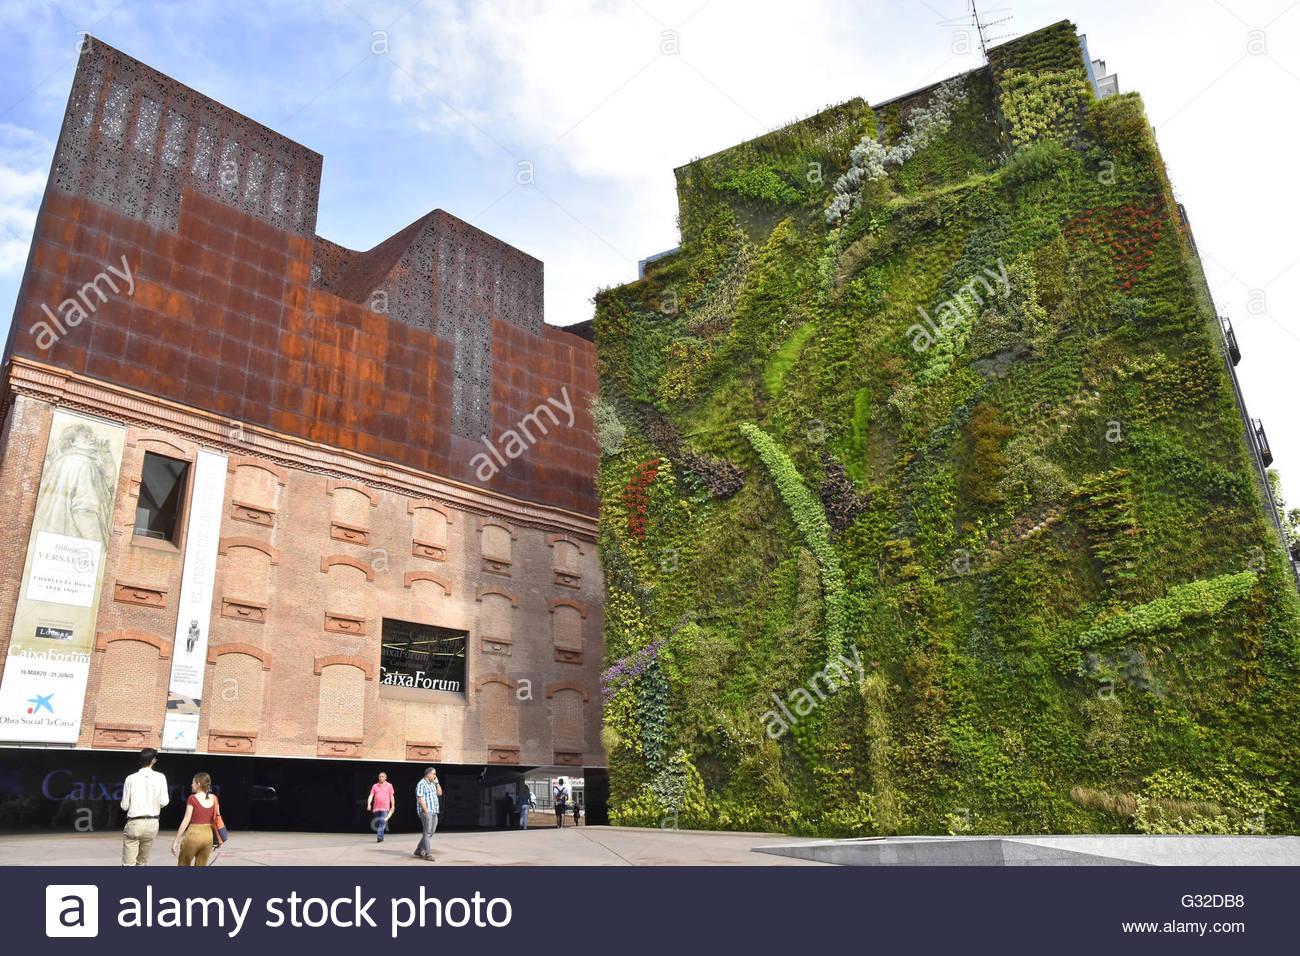 Green Vertical Garden House Facade Beside Caixaforum Museum And